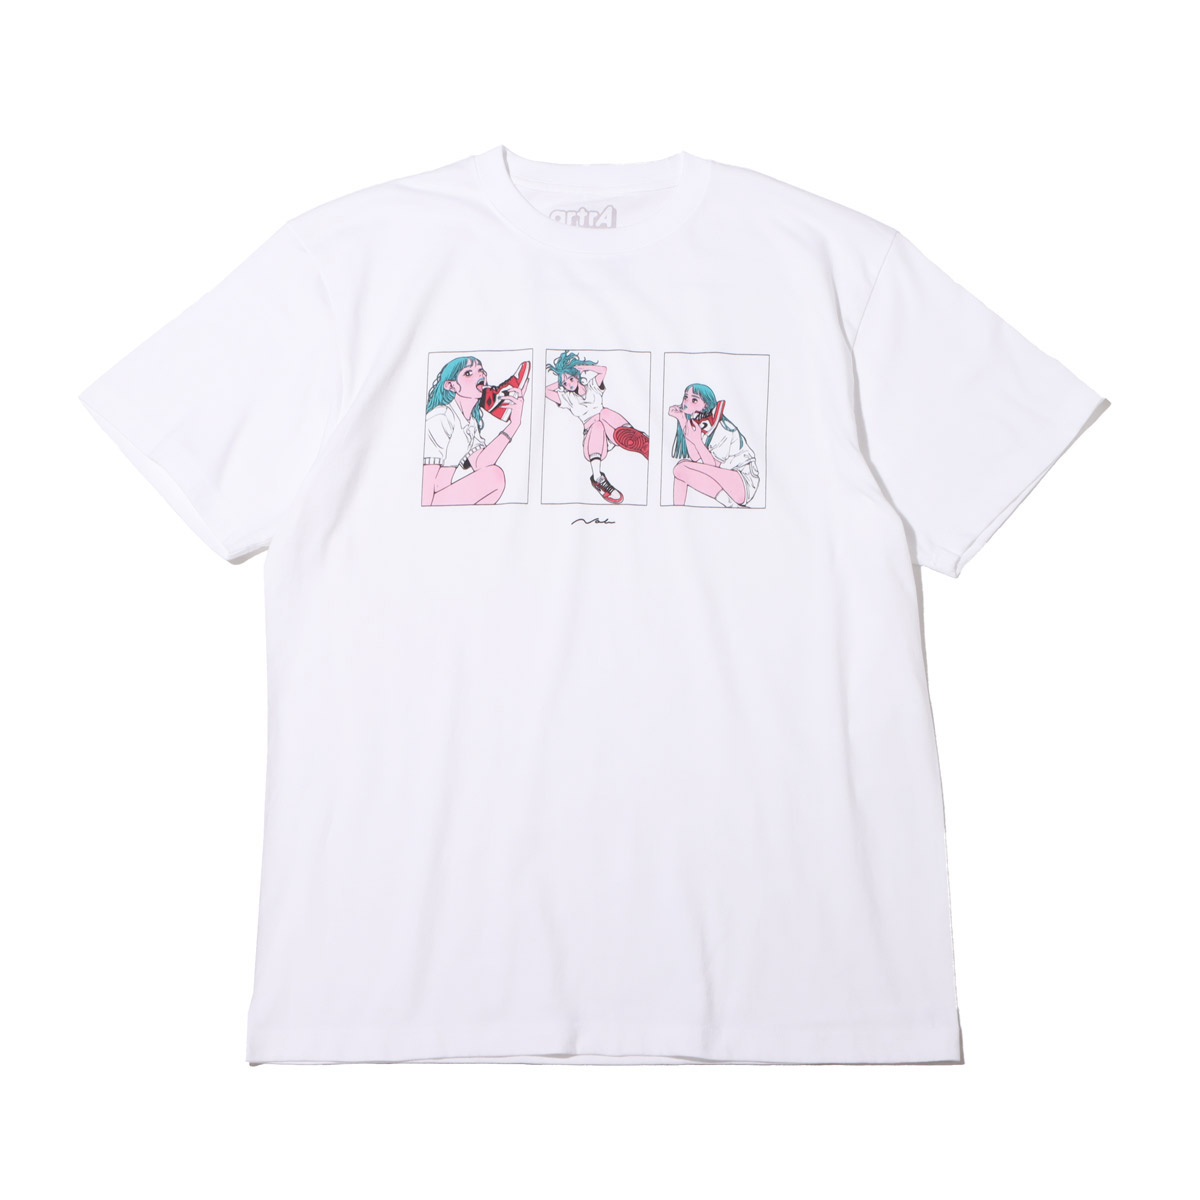 artrA(アルトラ) Tシャツ5